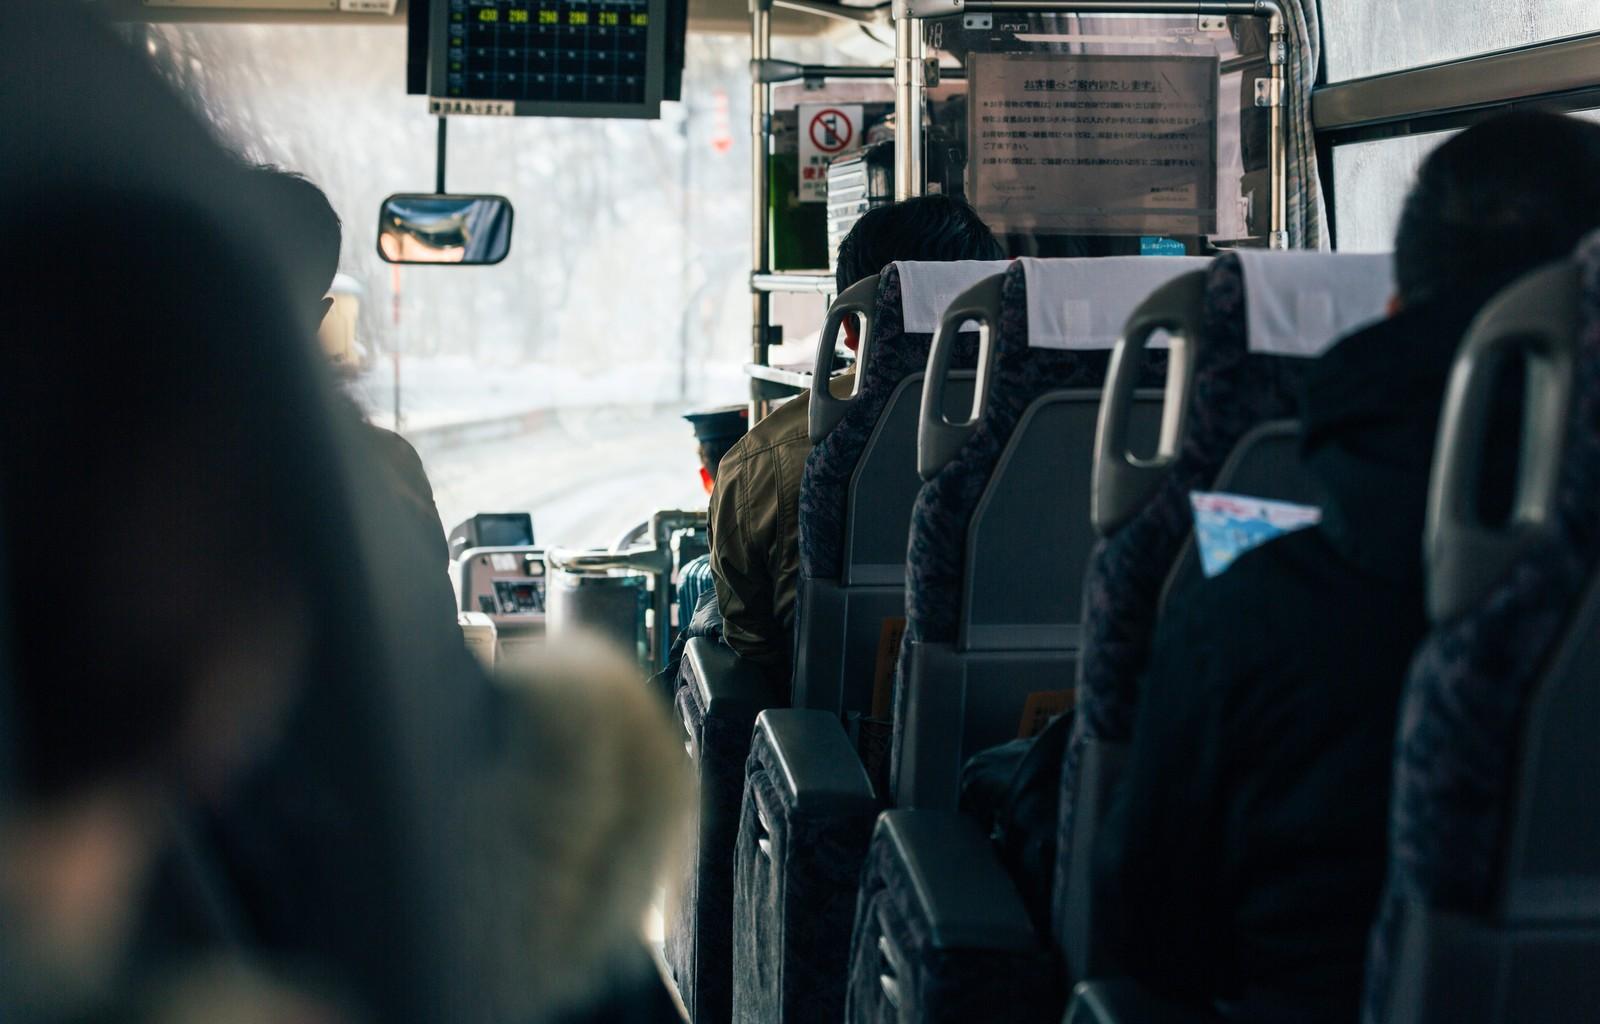 卒業旅行シーズン! 高校生だけで夜行バスって乗れるの?